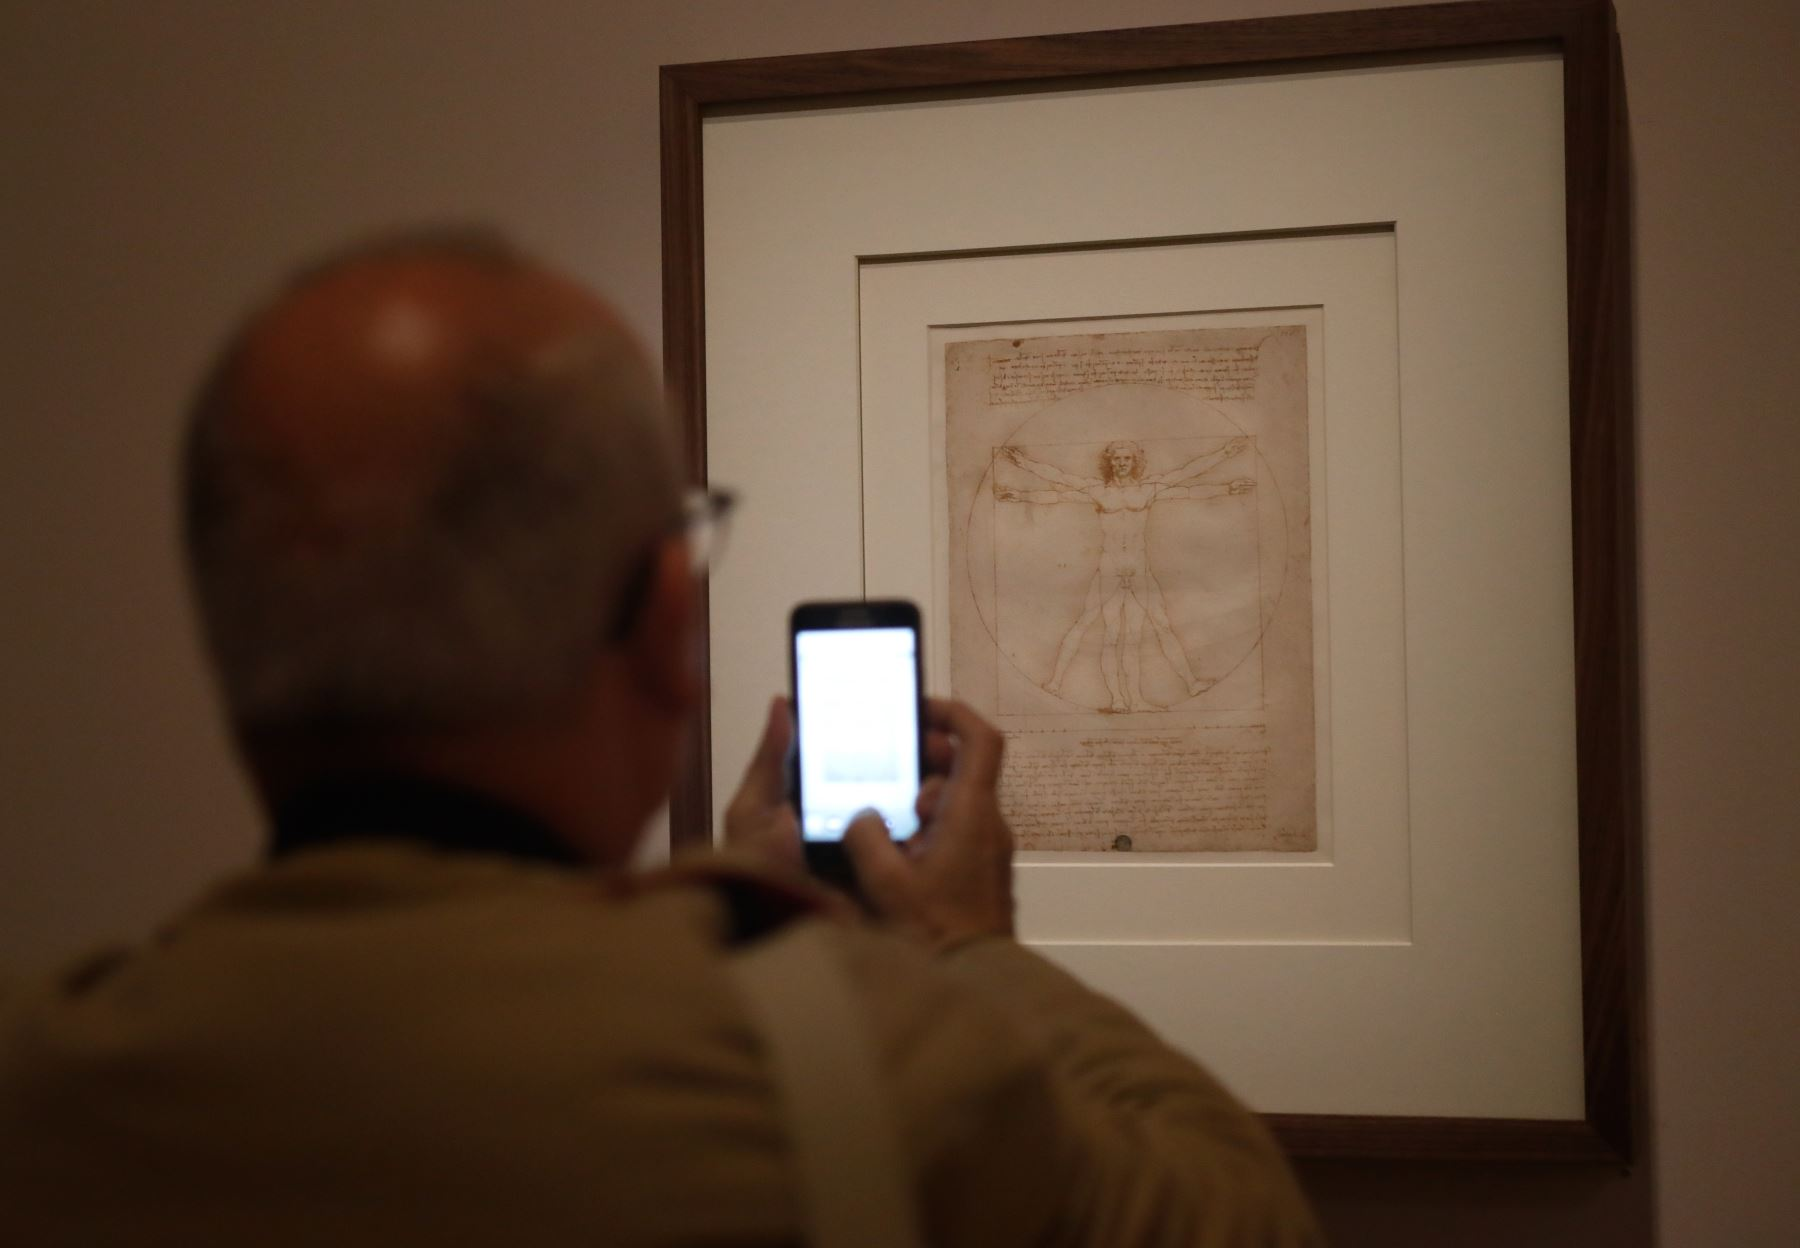 """Un hombre toma una foto con un teléfono móvil en el """"Hombre de Vitruvio"""", el famoso dibujo anotado, realizado alrededor de 1490 con pluma, tinta y lavado sobre papel, por Leonardo da Vinci. Foto: AFP"""